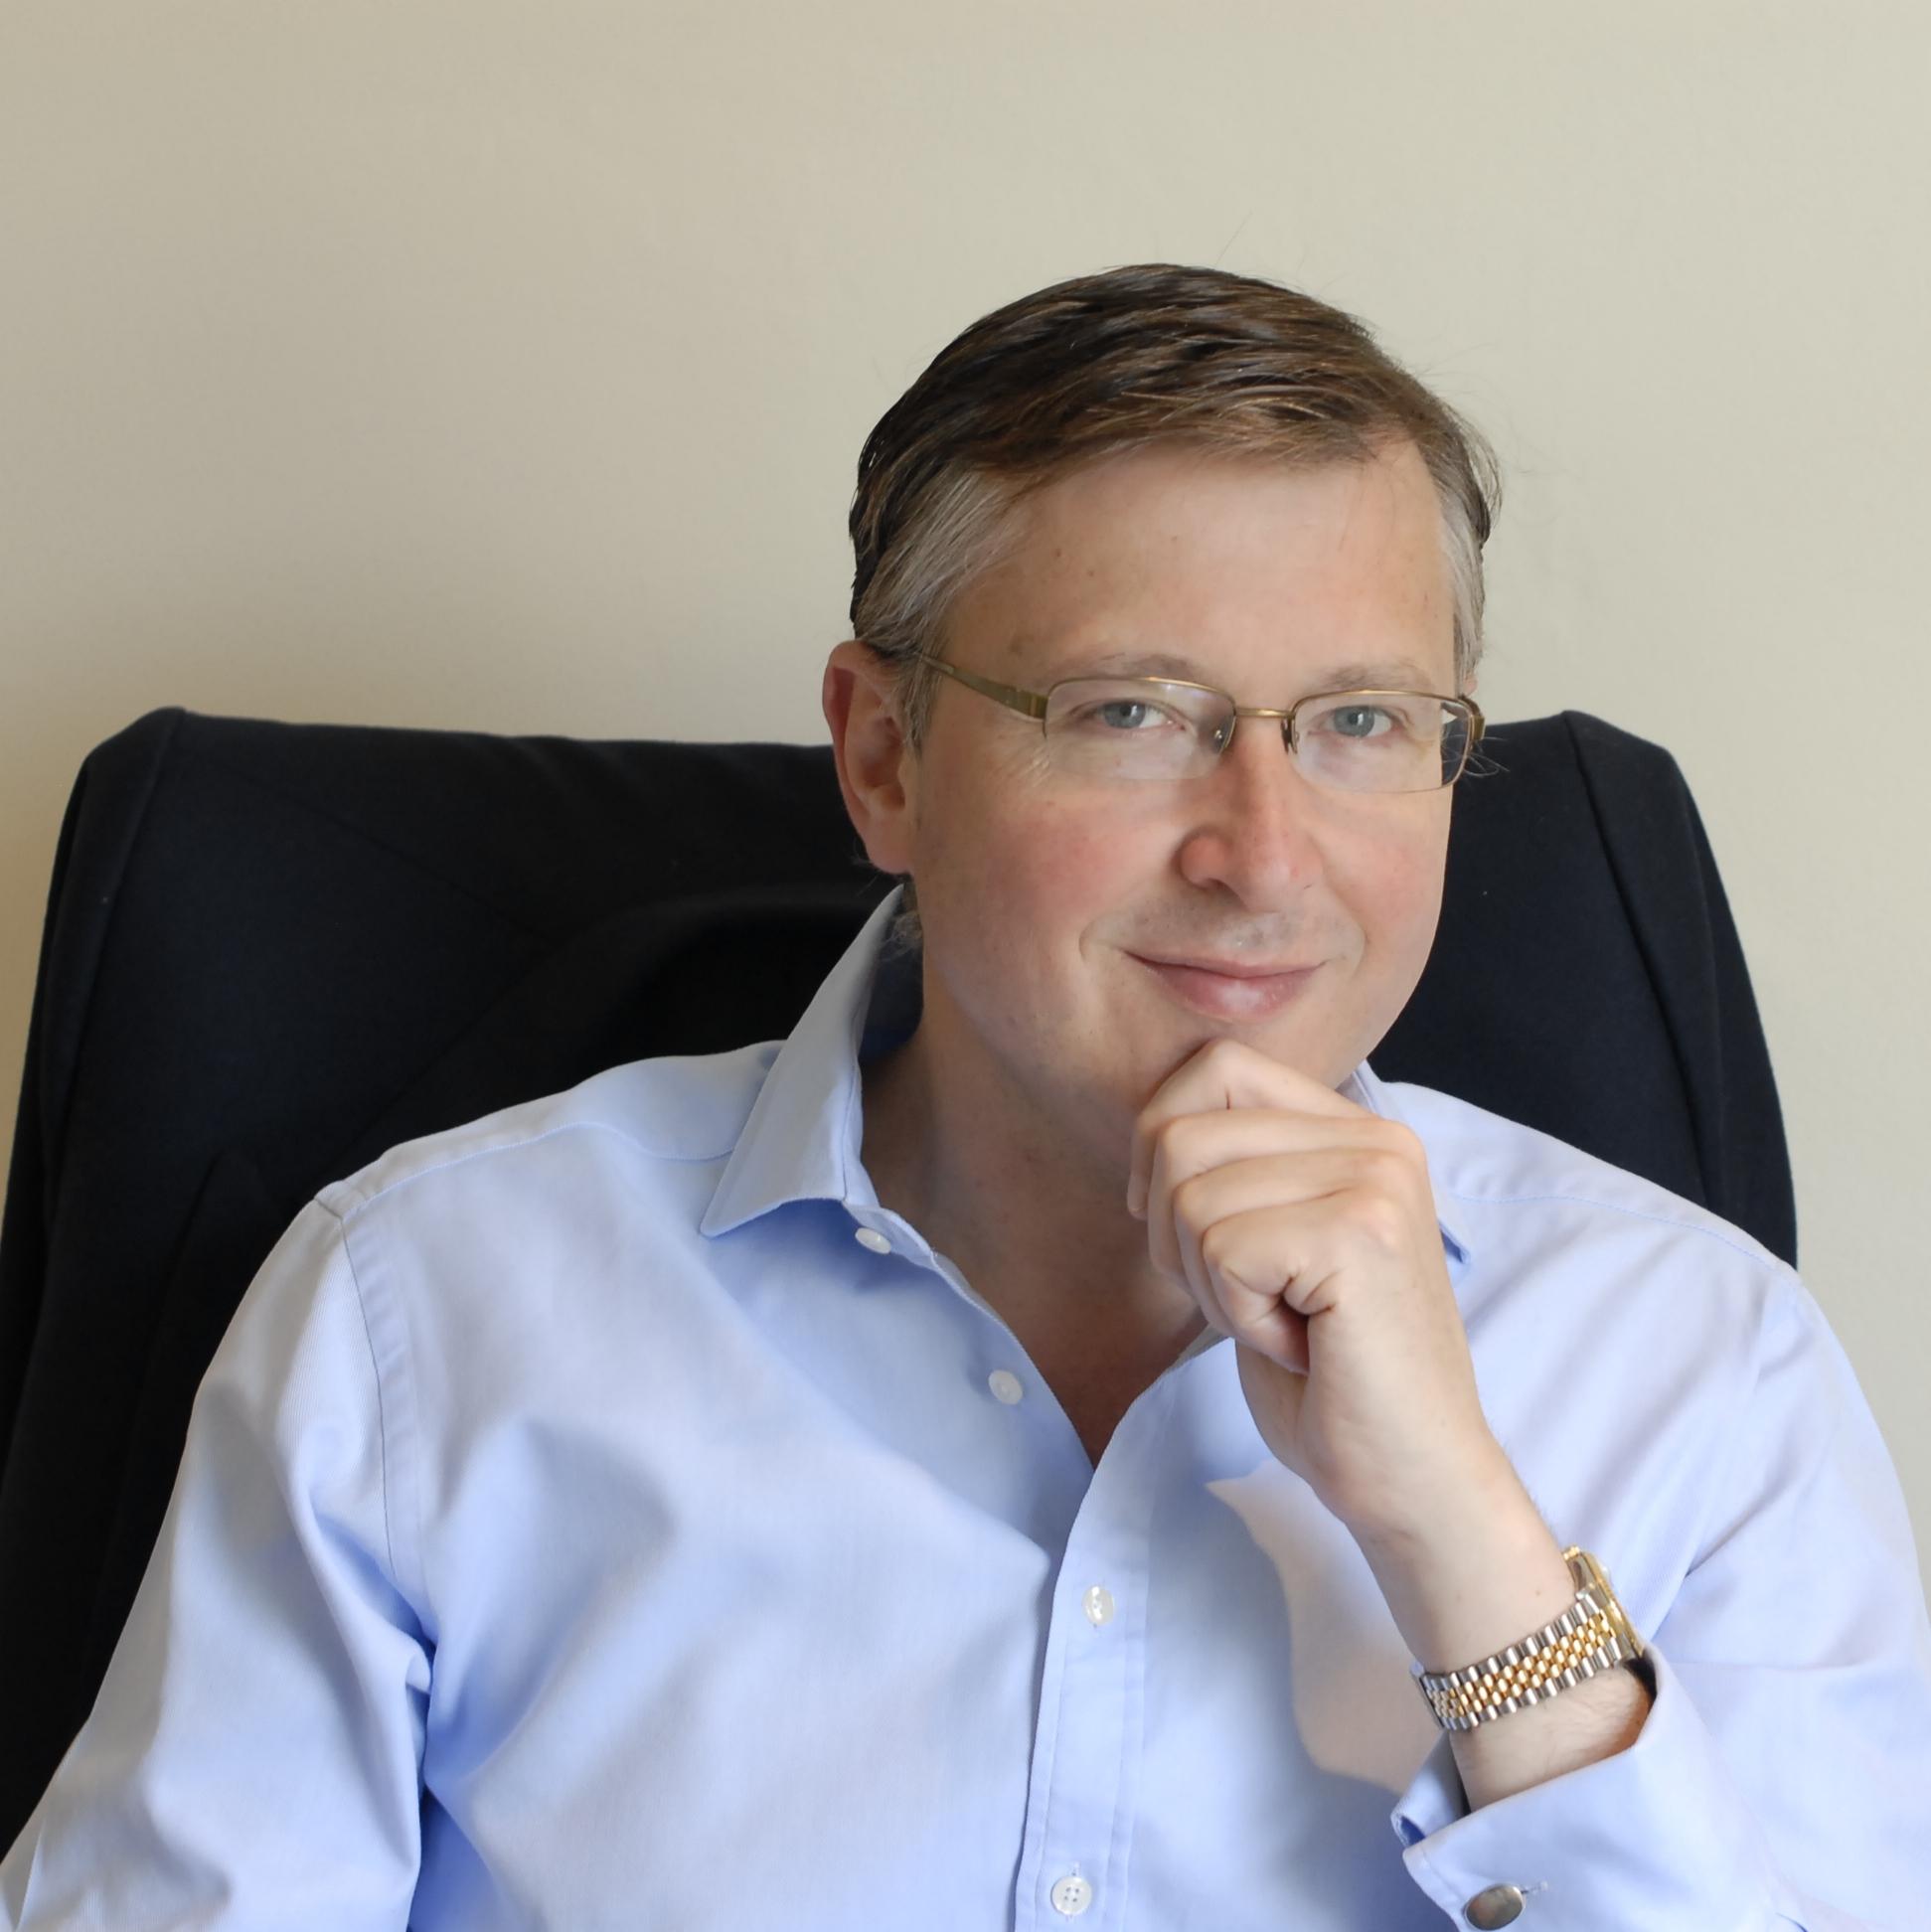 Andrew Brettell